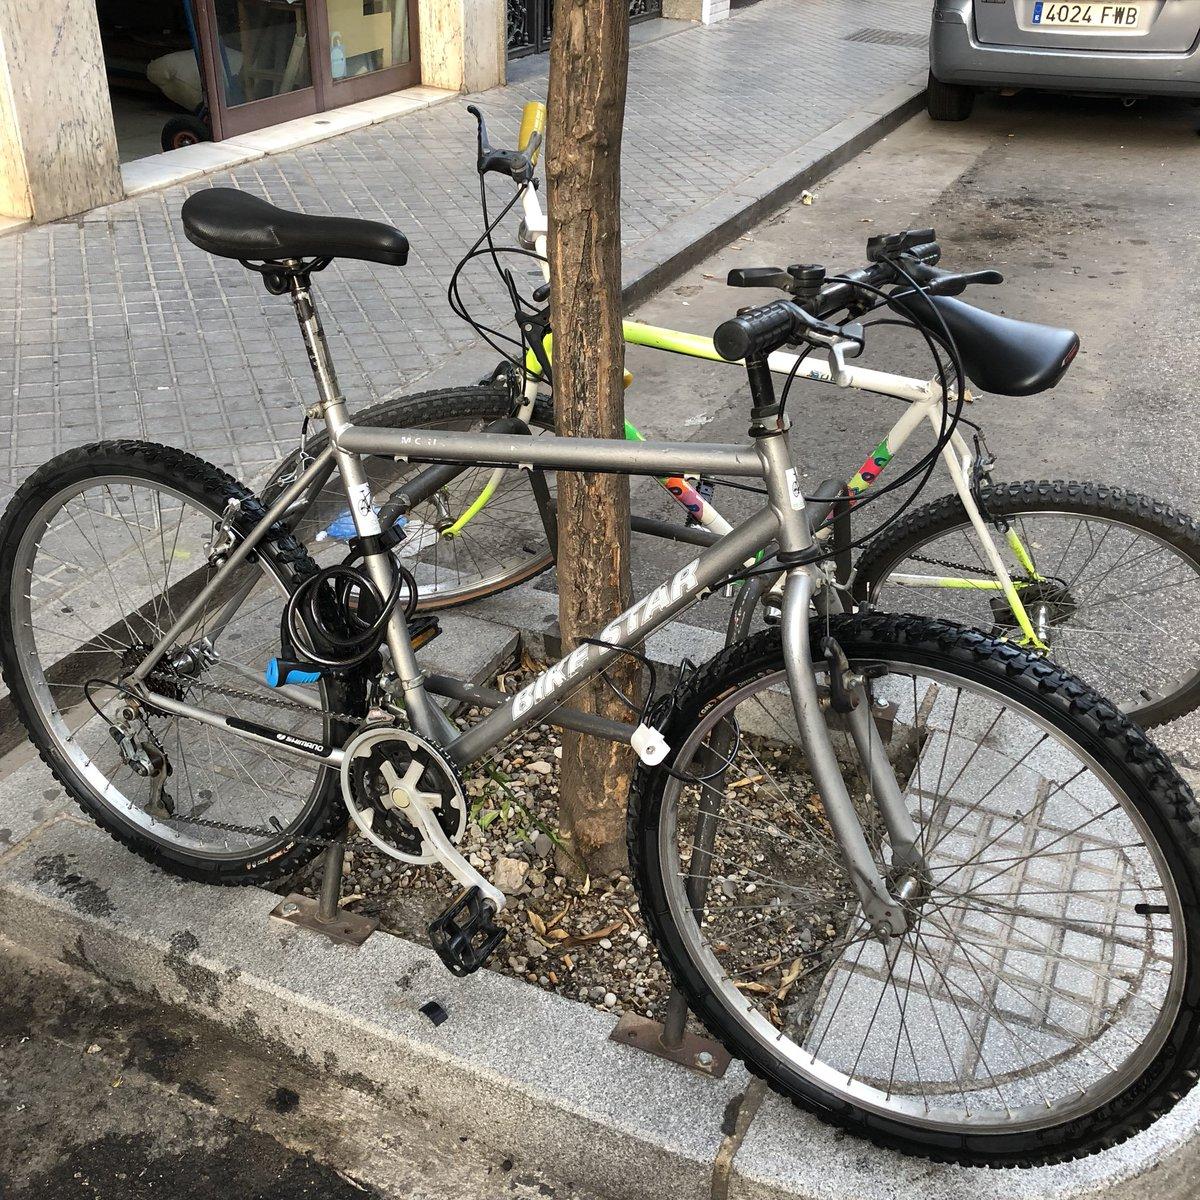 Endlich bin ich glücklicher Besitzer eines Fahrrads. Dadurch fühle ich mich…